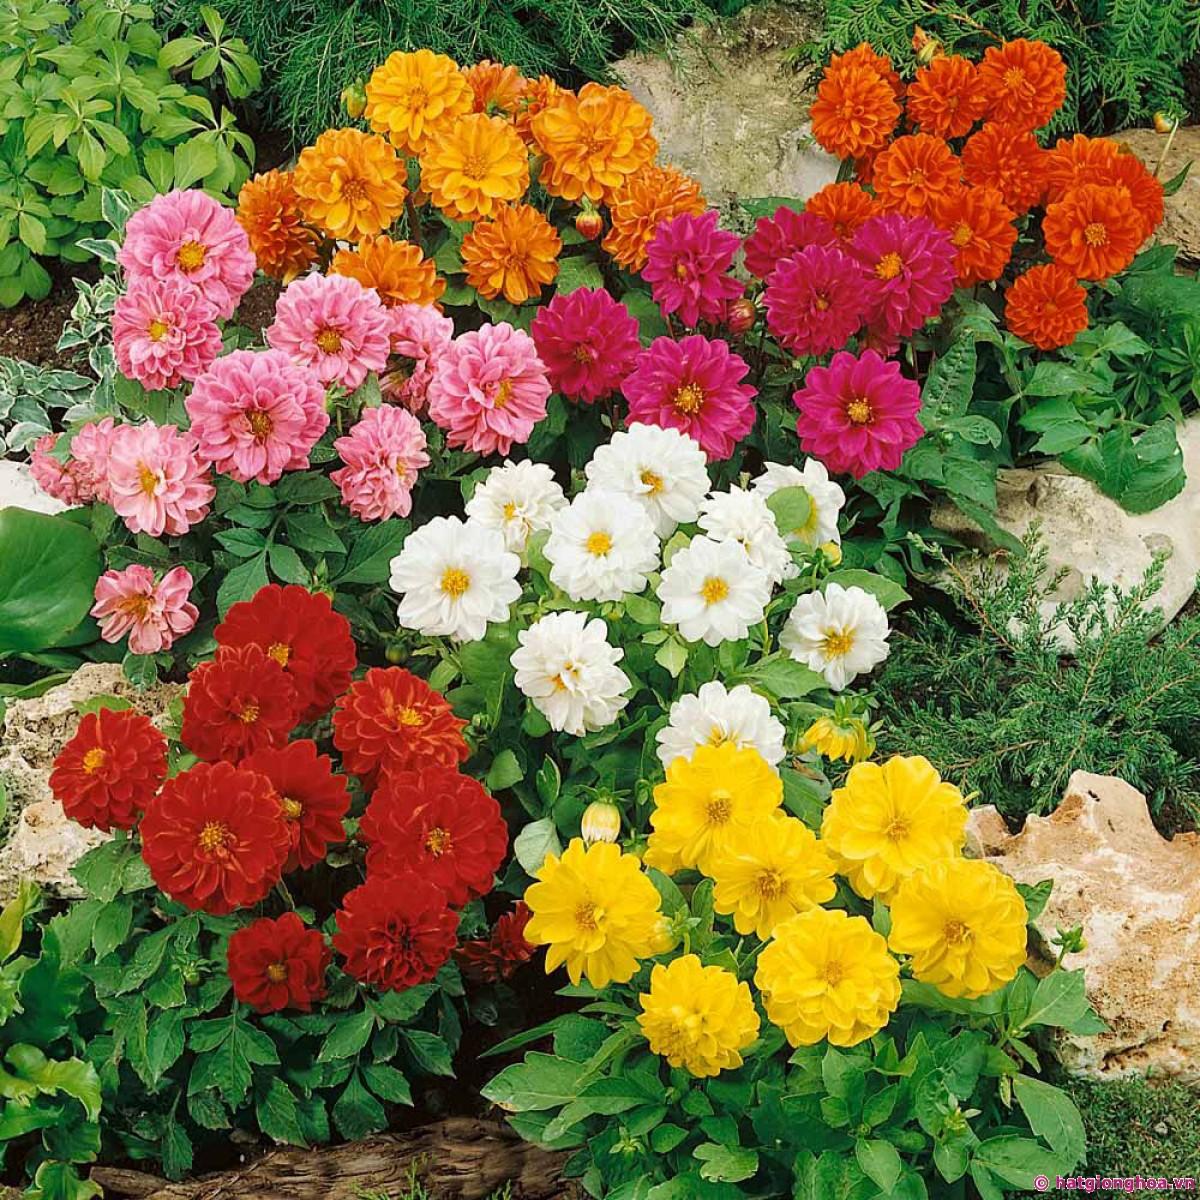 Bông hoa thược dược trong rỏ